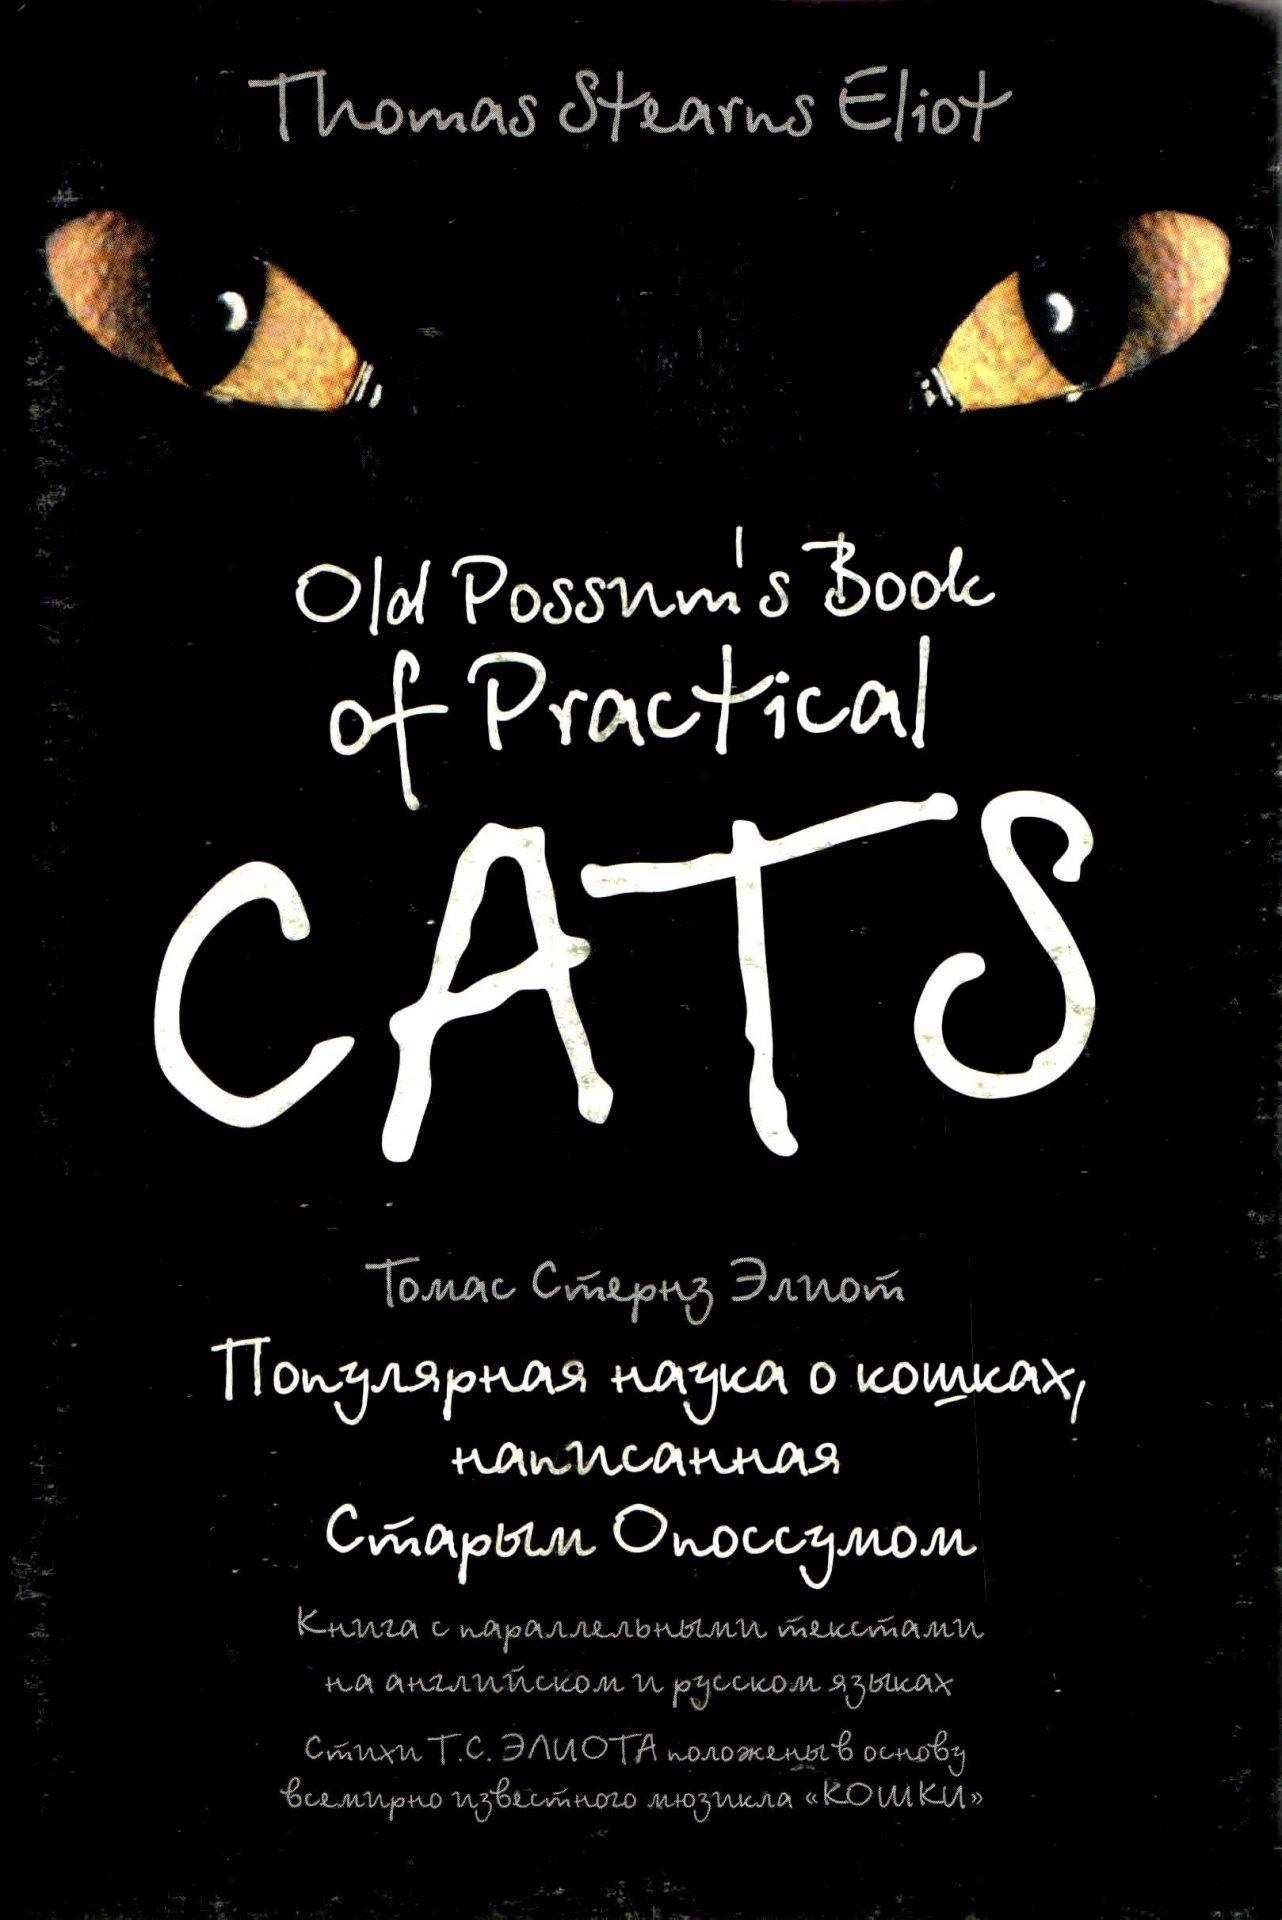 Элиот Т. С. Популярная наука о кошках, написанная Старым Опоссумом